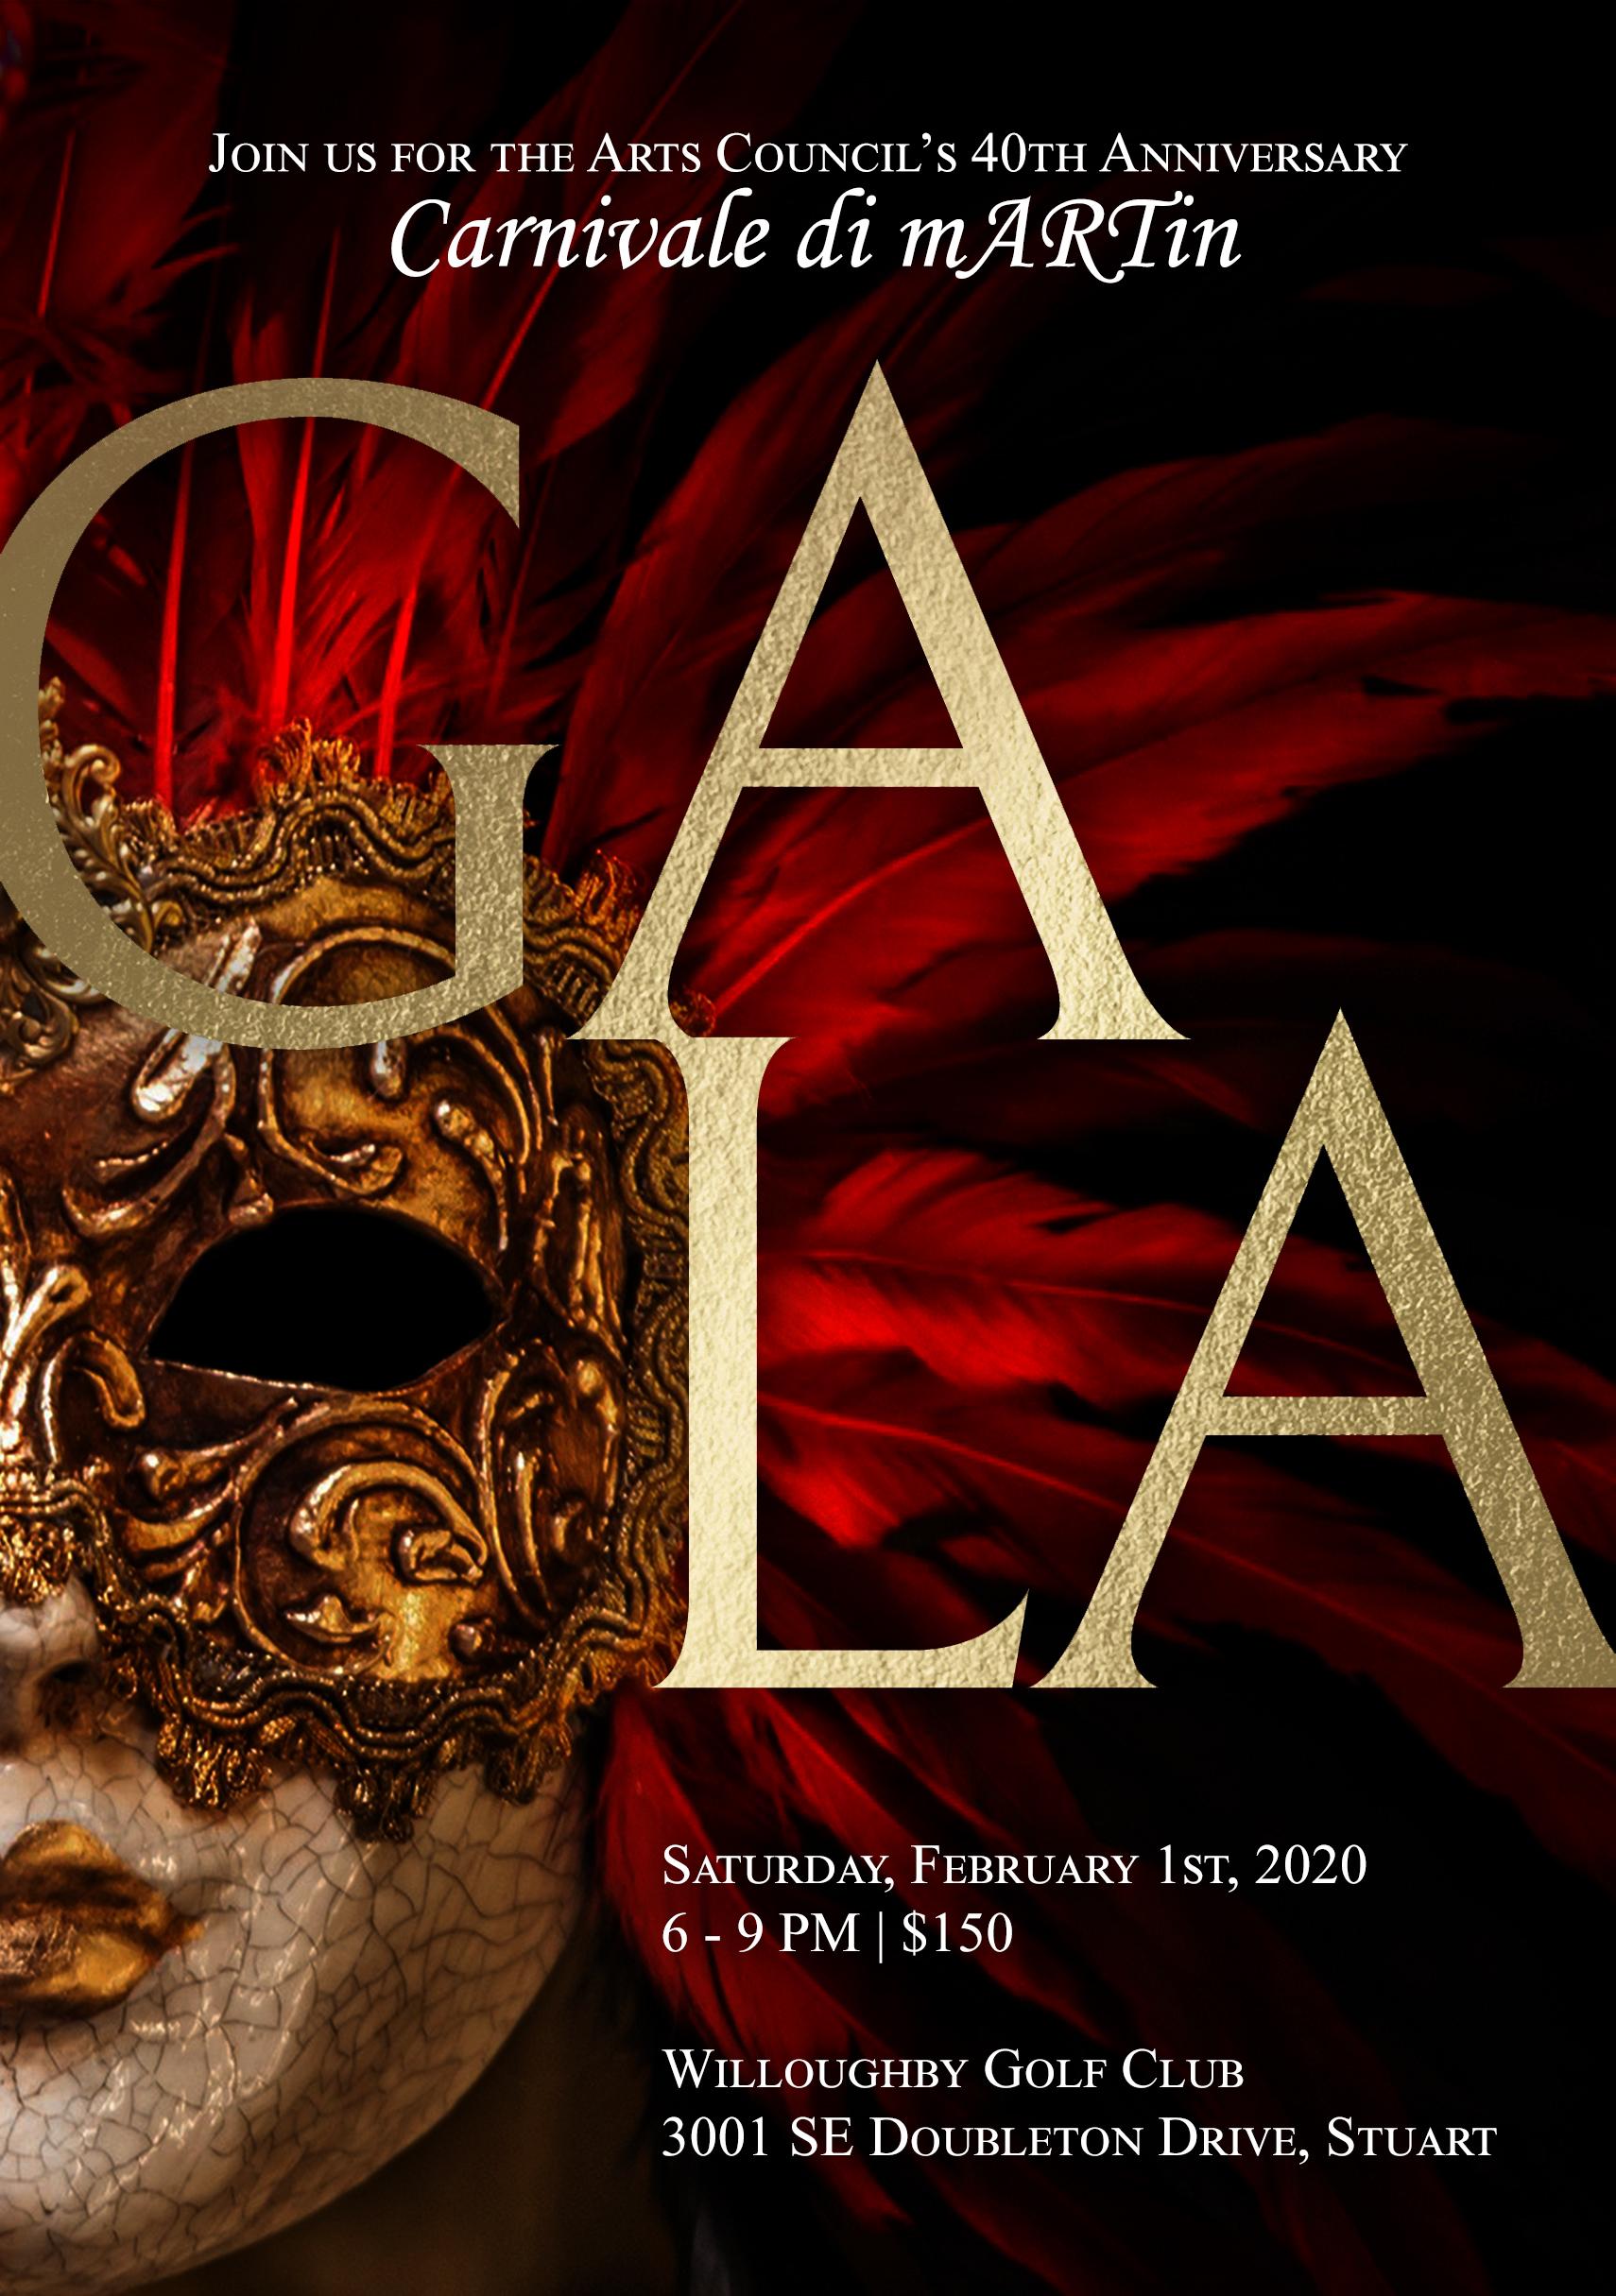 Carnevale di Martin: 40th Anniversary Gala